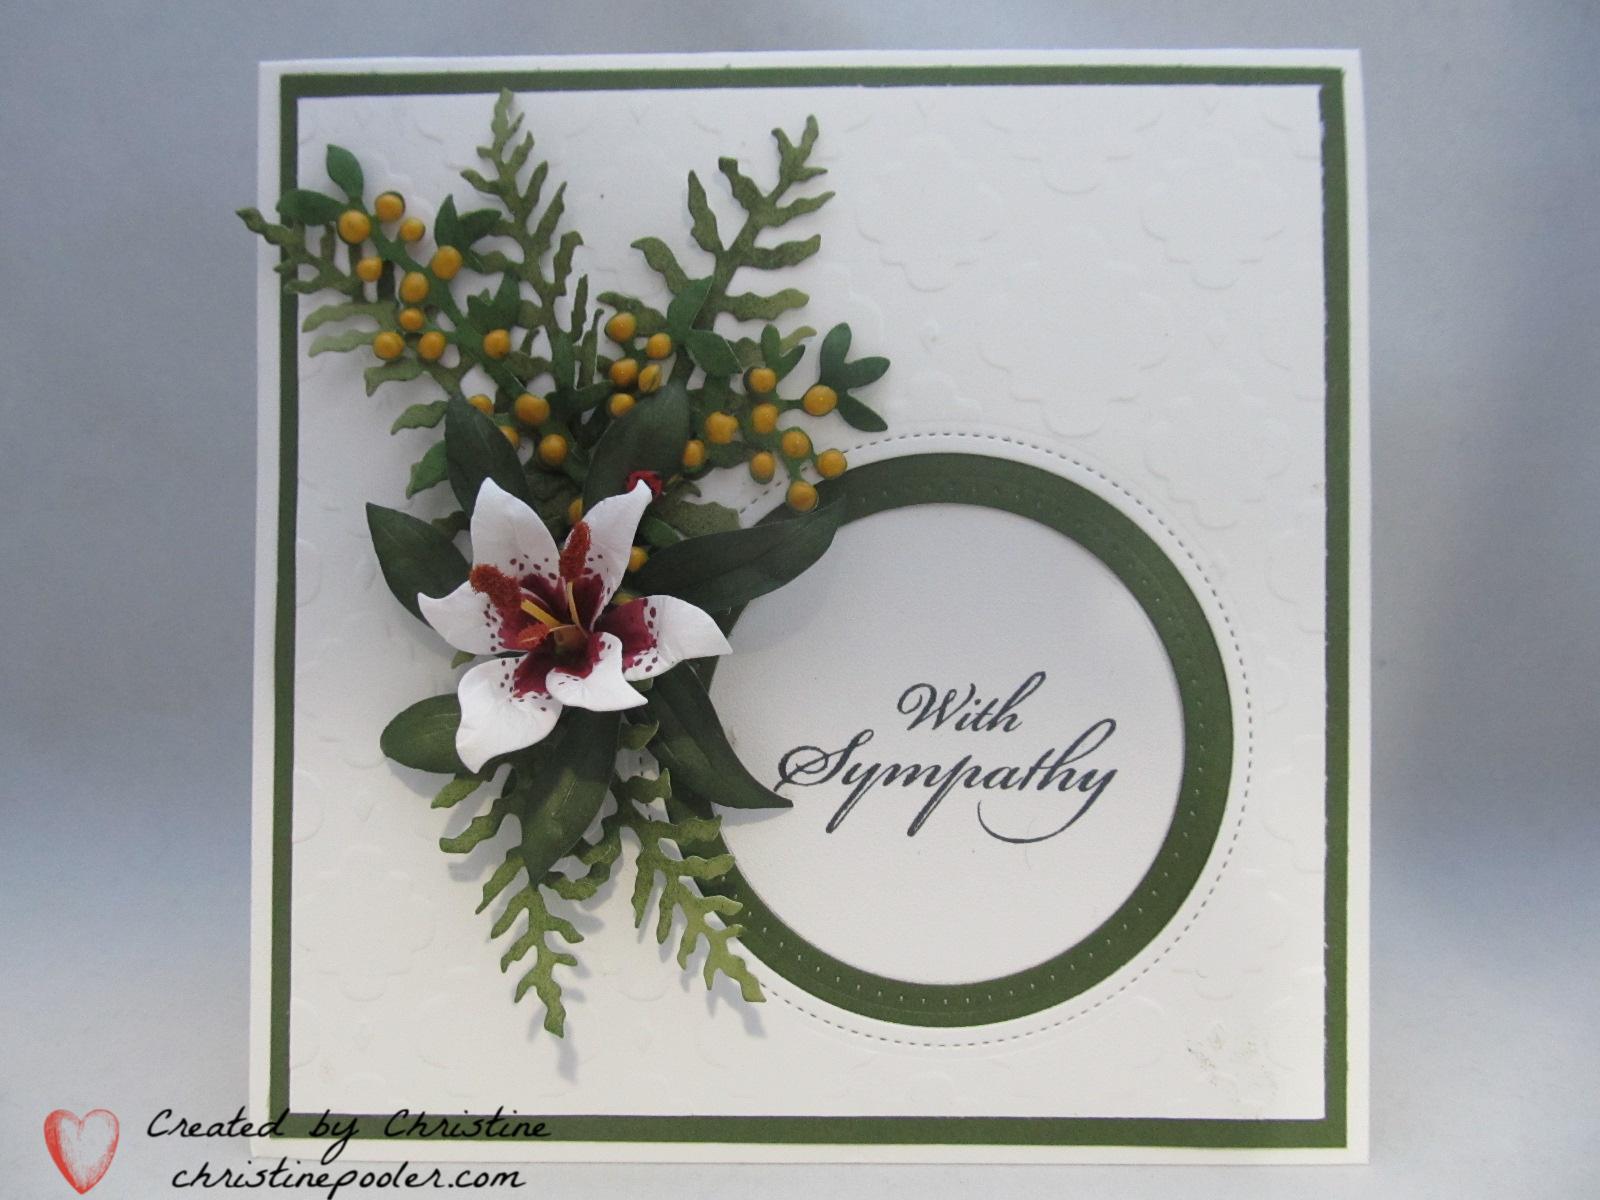 Sympathy white lily